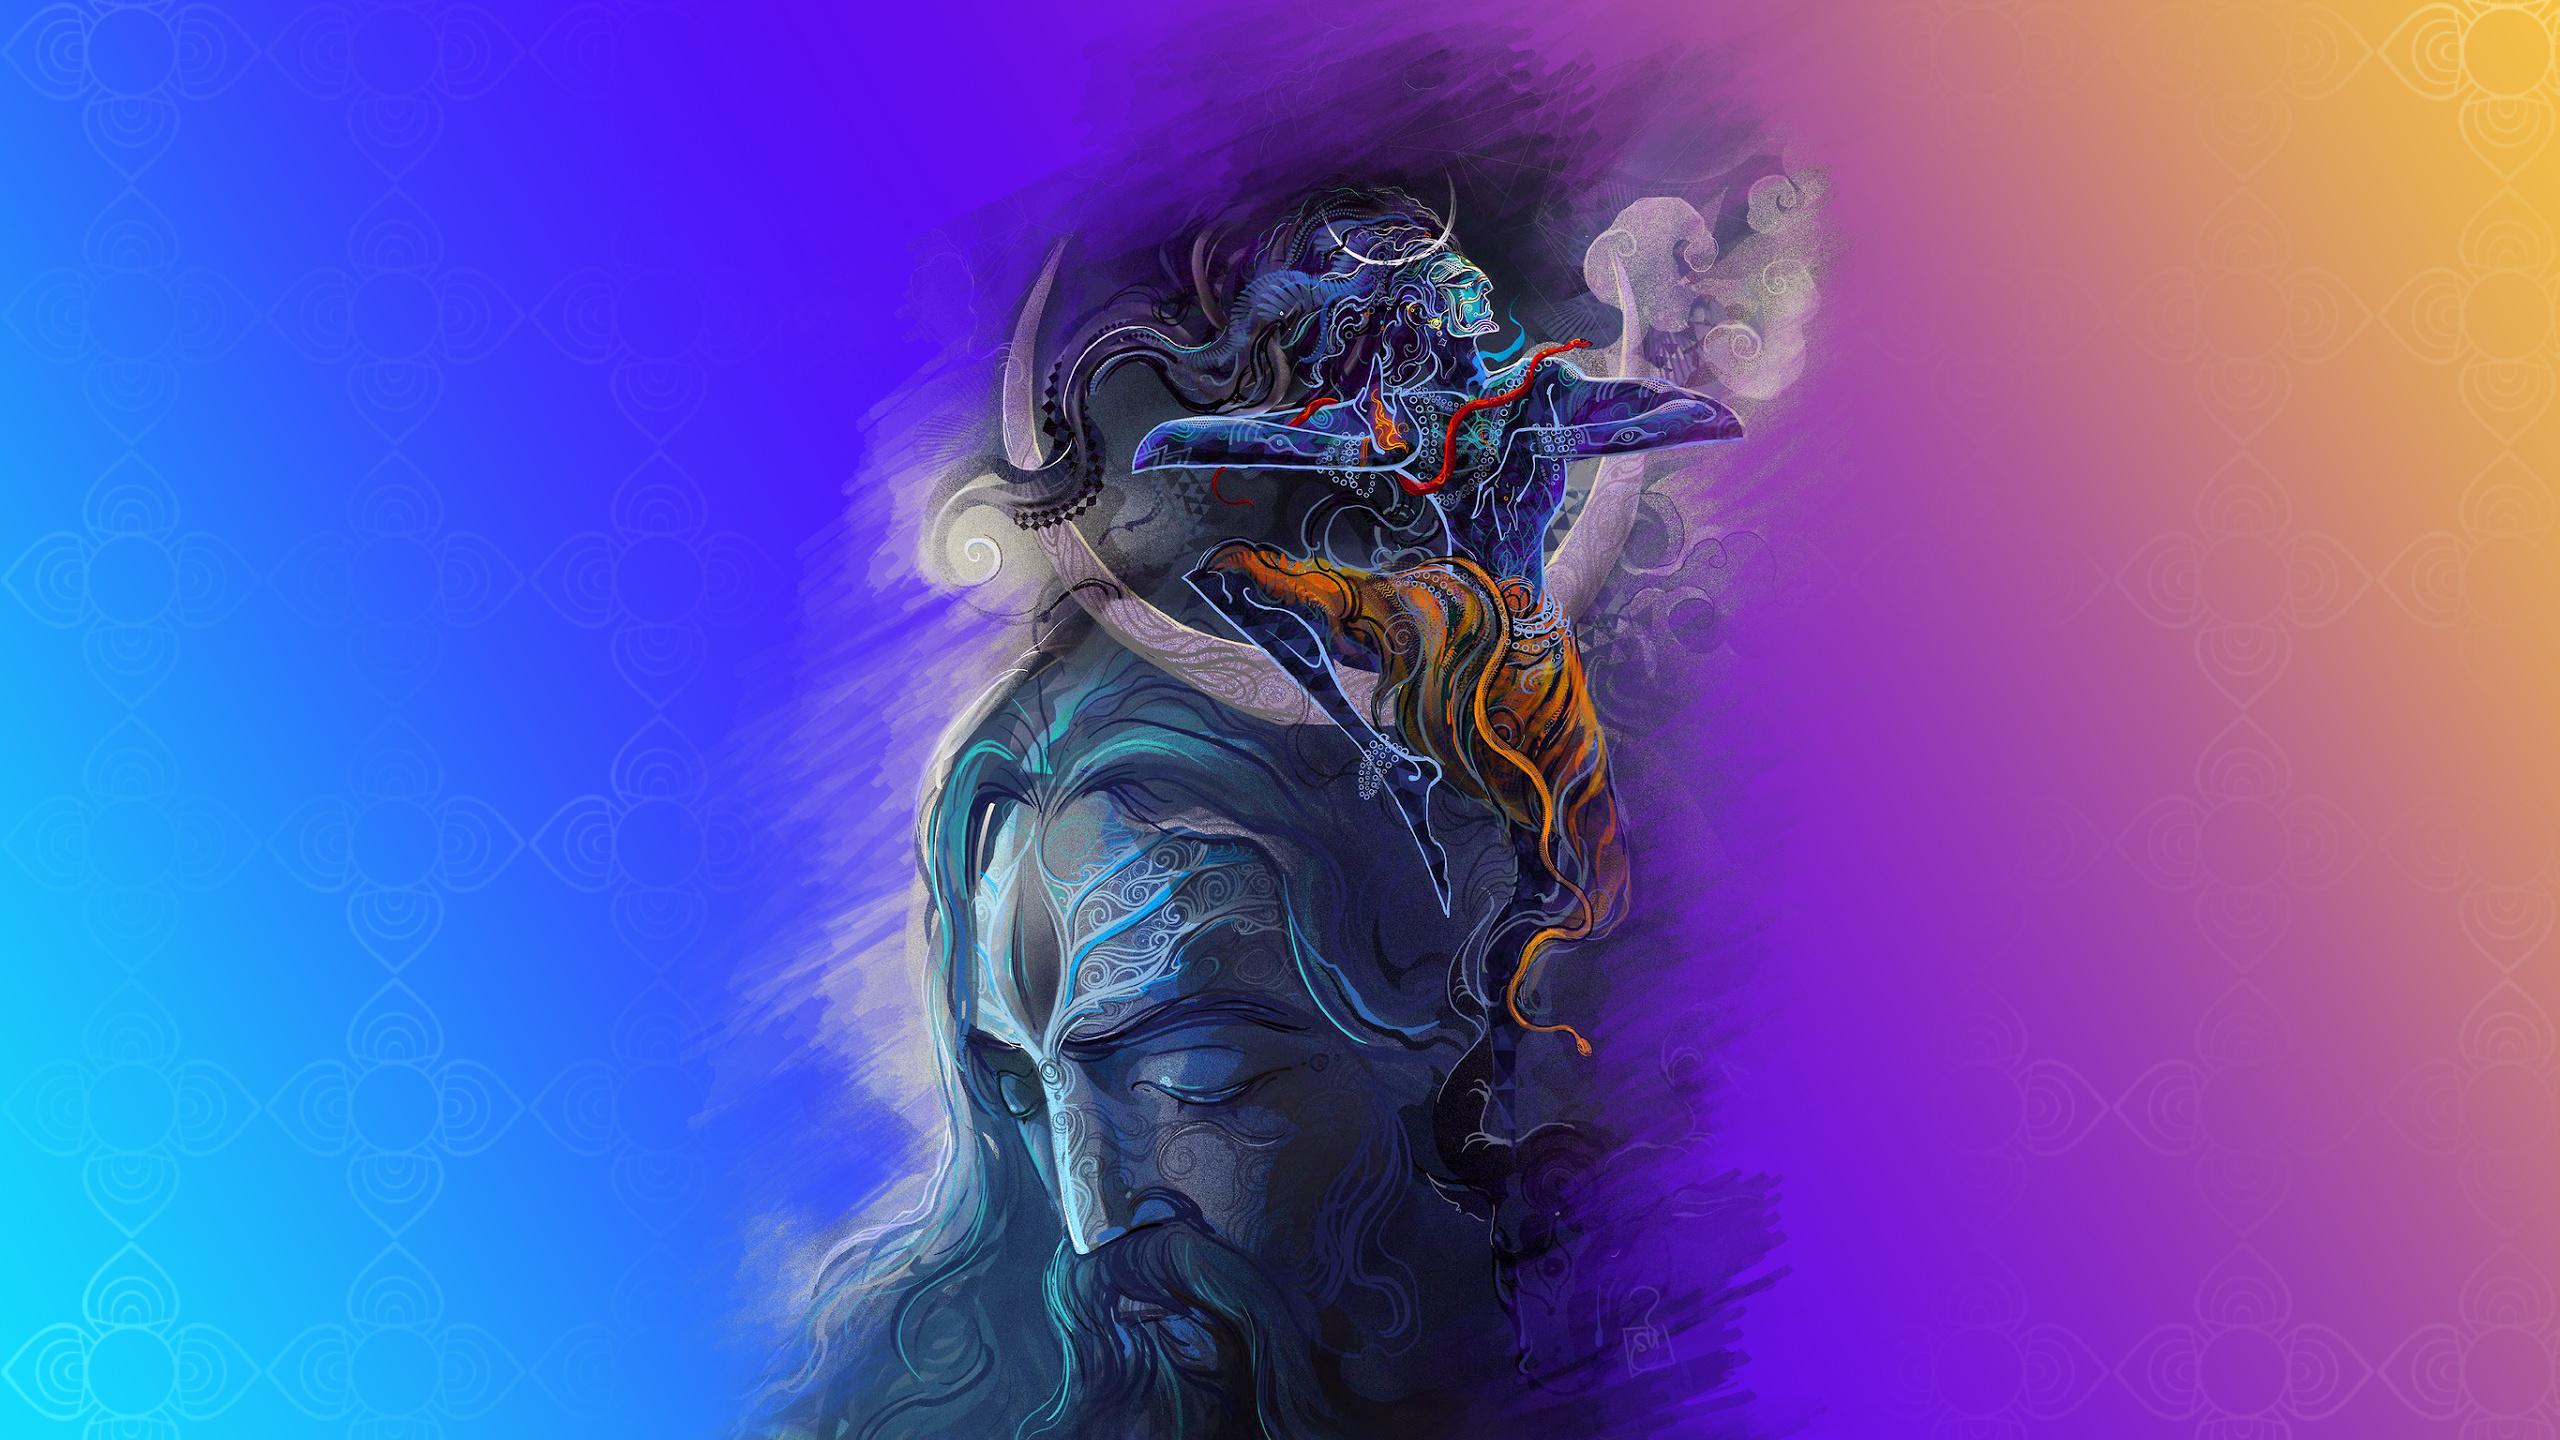 Download 2560x1440 Wallpaper Lord Shiva God Digital Art